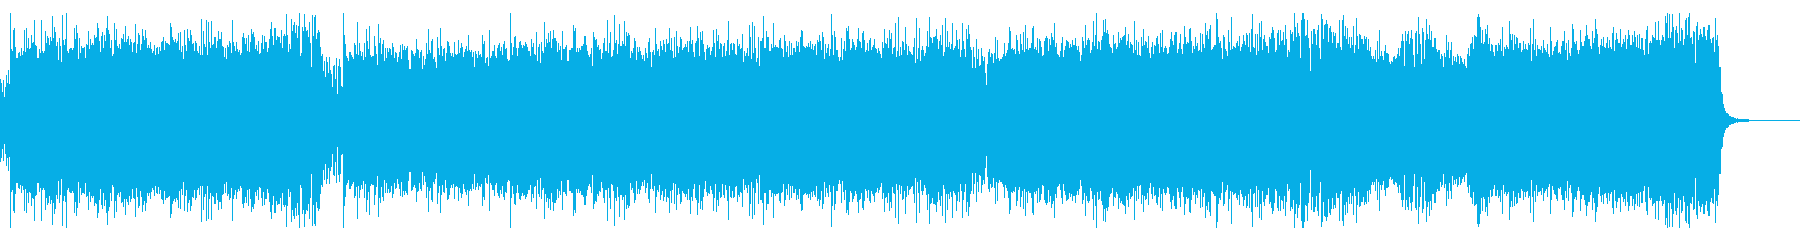 90年代のゲーム音楽風ハード・ロックの再生済みの波形